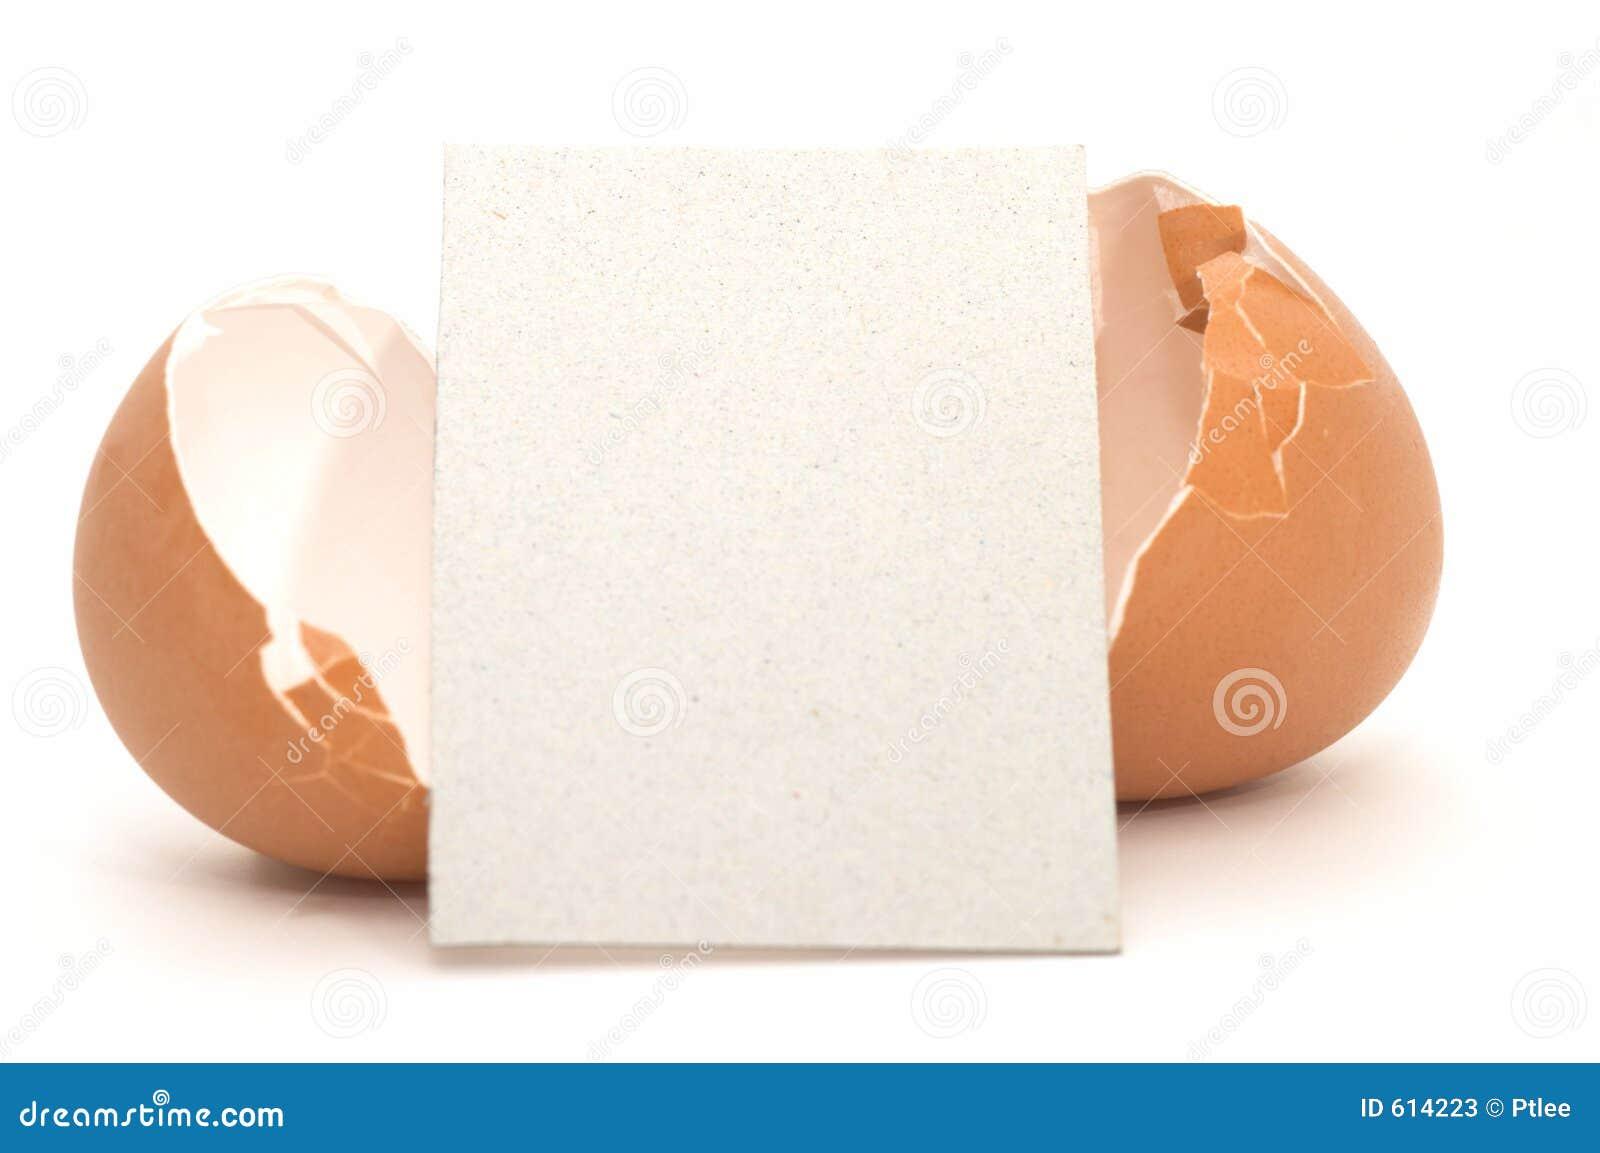 Gebarsten Ei met Lege Kaart #4